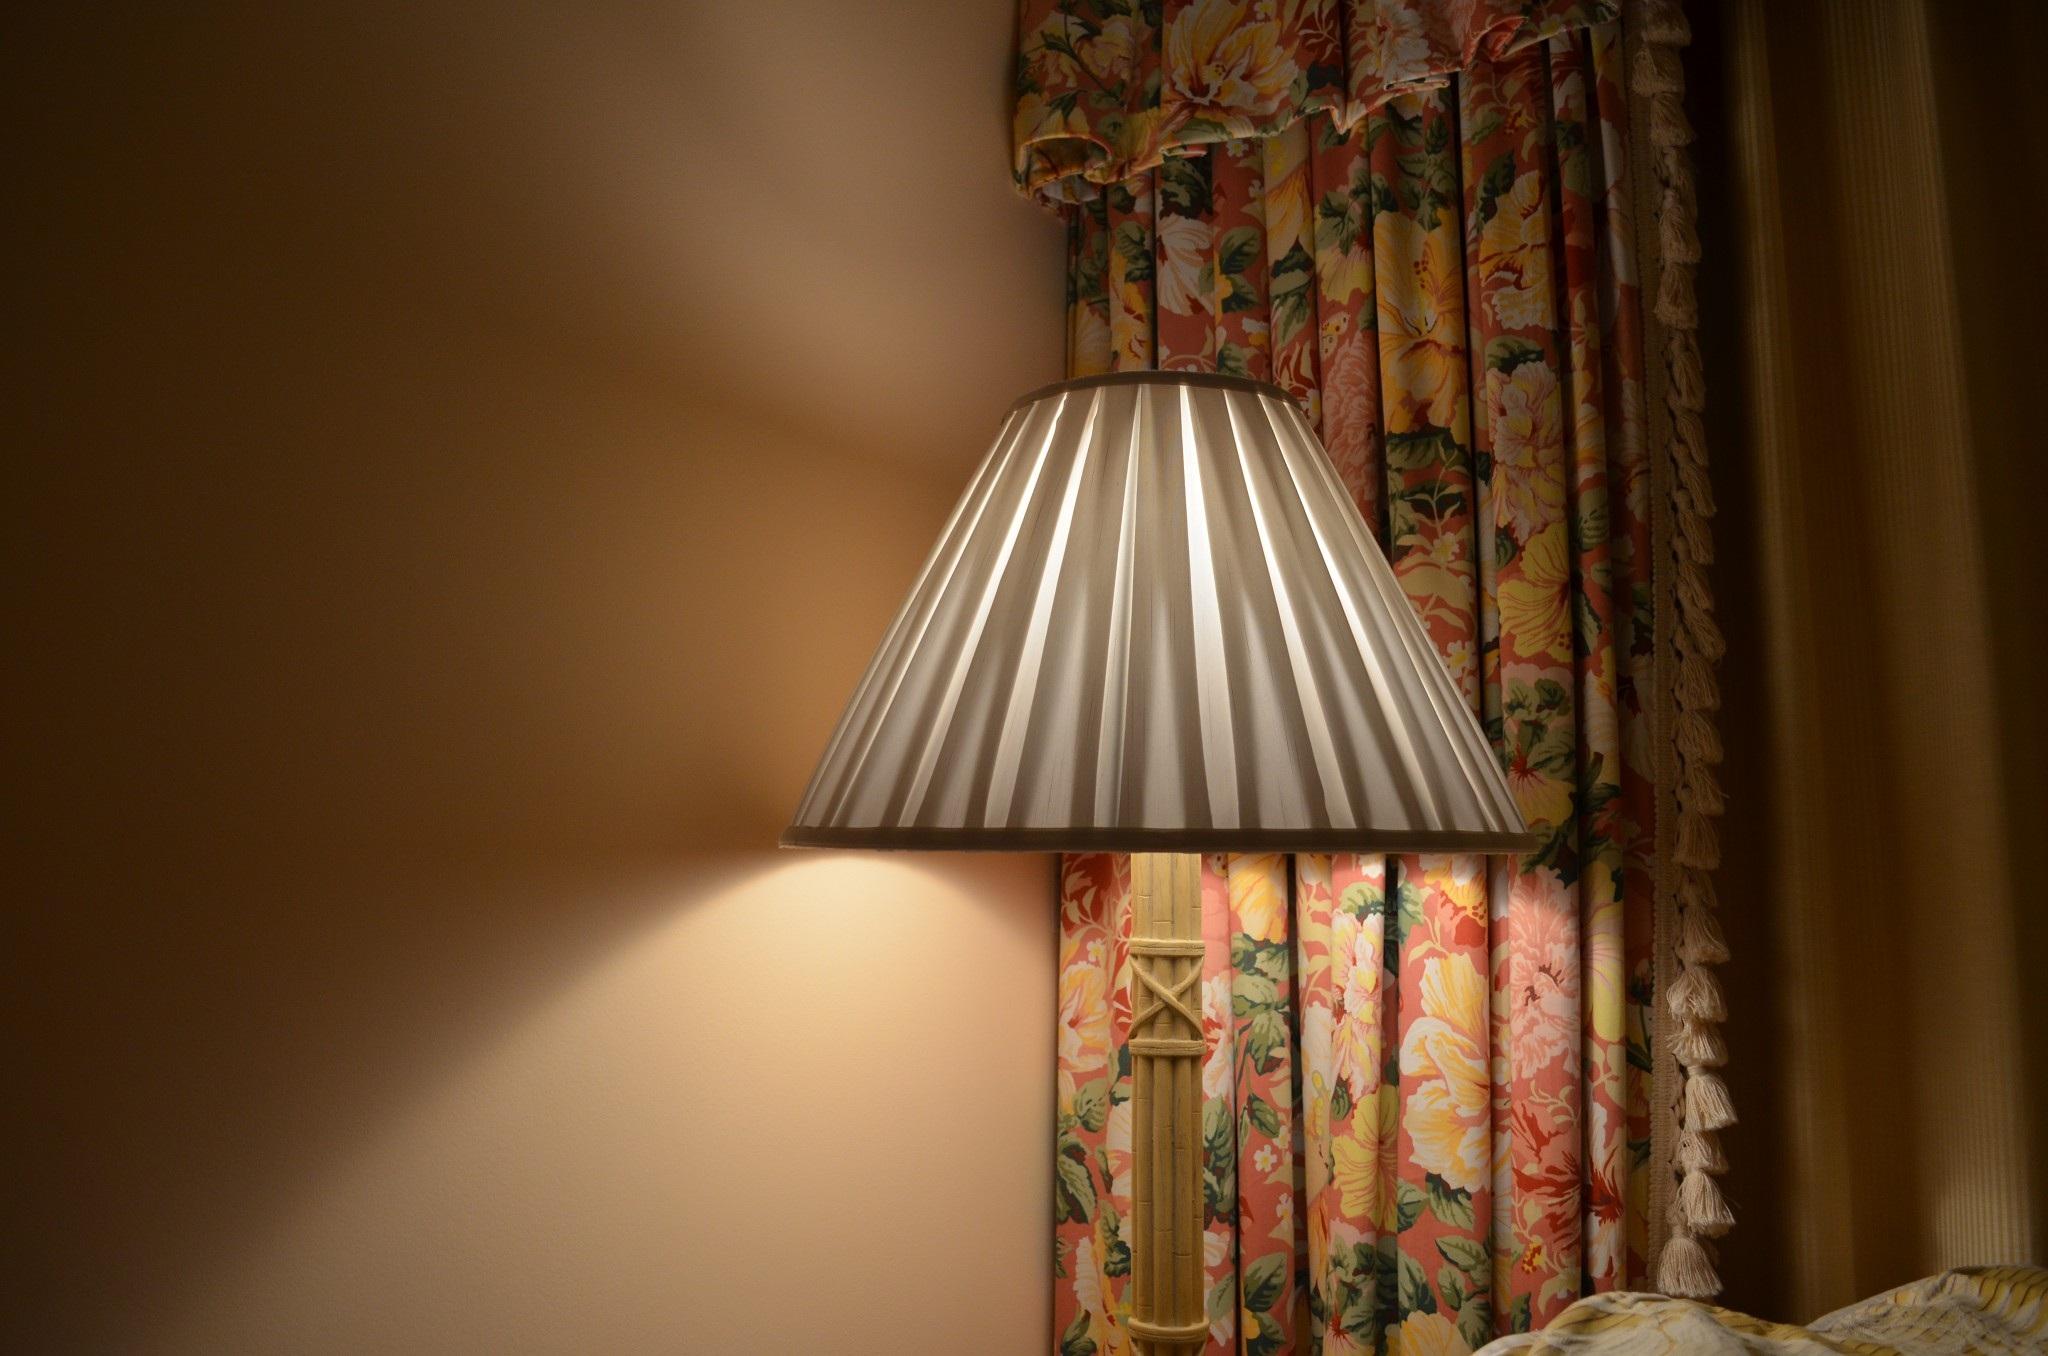 Modern ah ap tavan tasar m ile yatak odas dekorasyonu -  K Ah Ap Ev Pencere Duvar Tavan K Rm Z Renk Perde Rahat Lamba Oda Sar Ayd Nlatma Yatak Odas